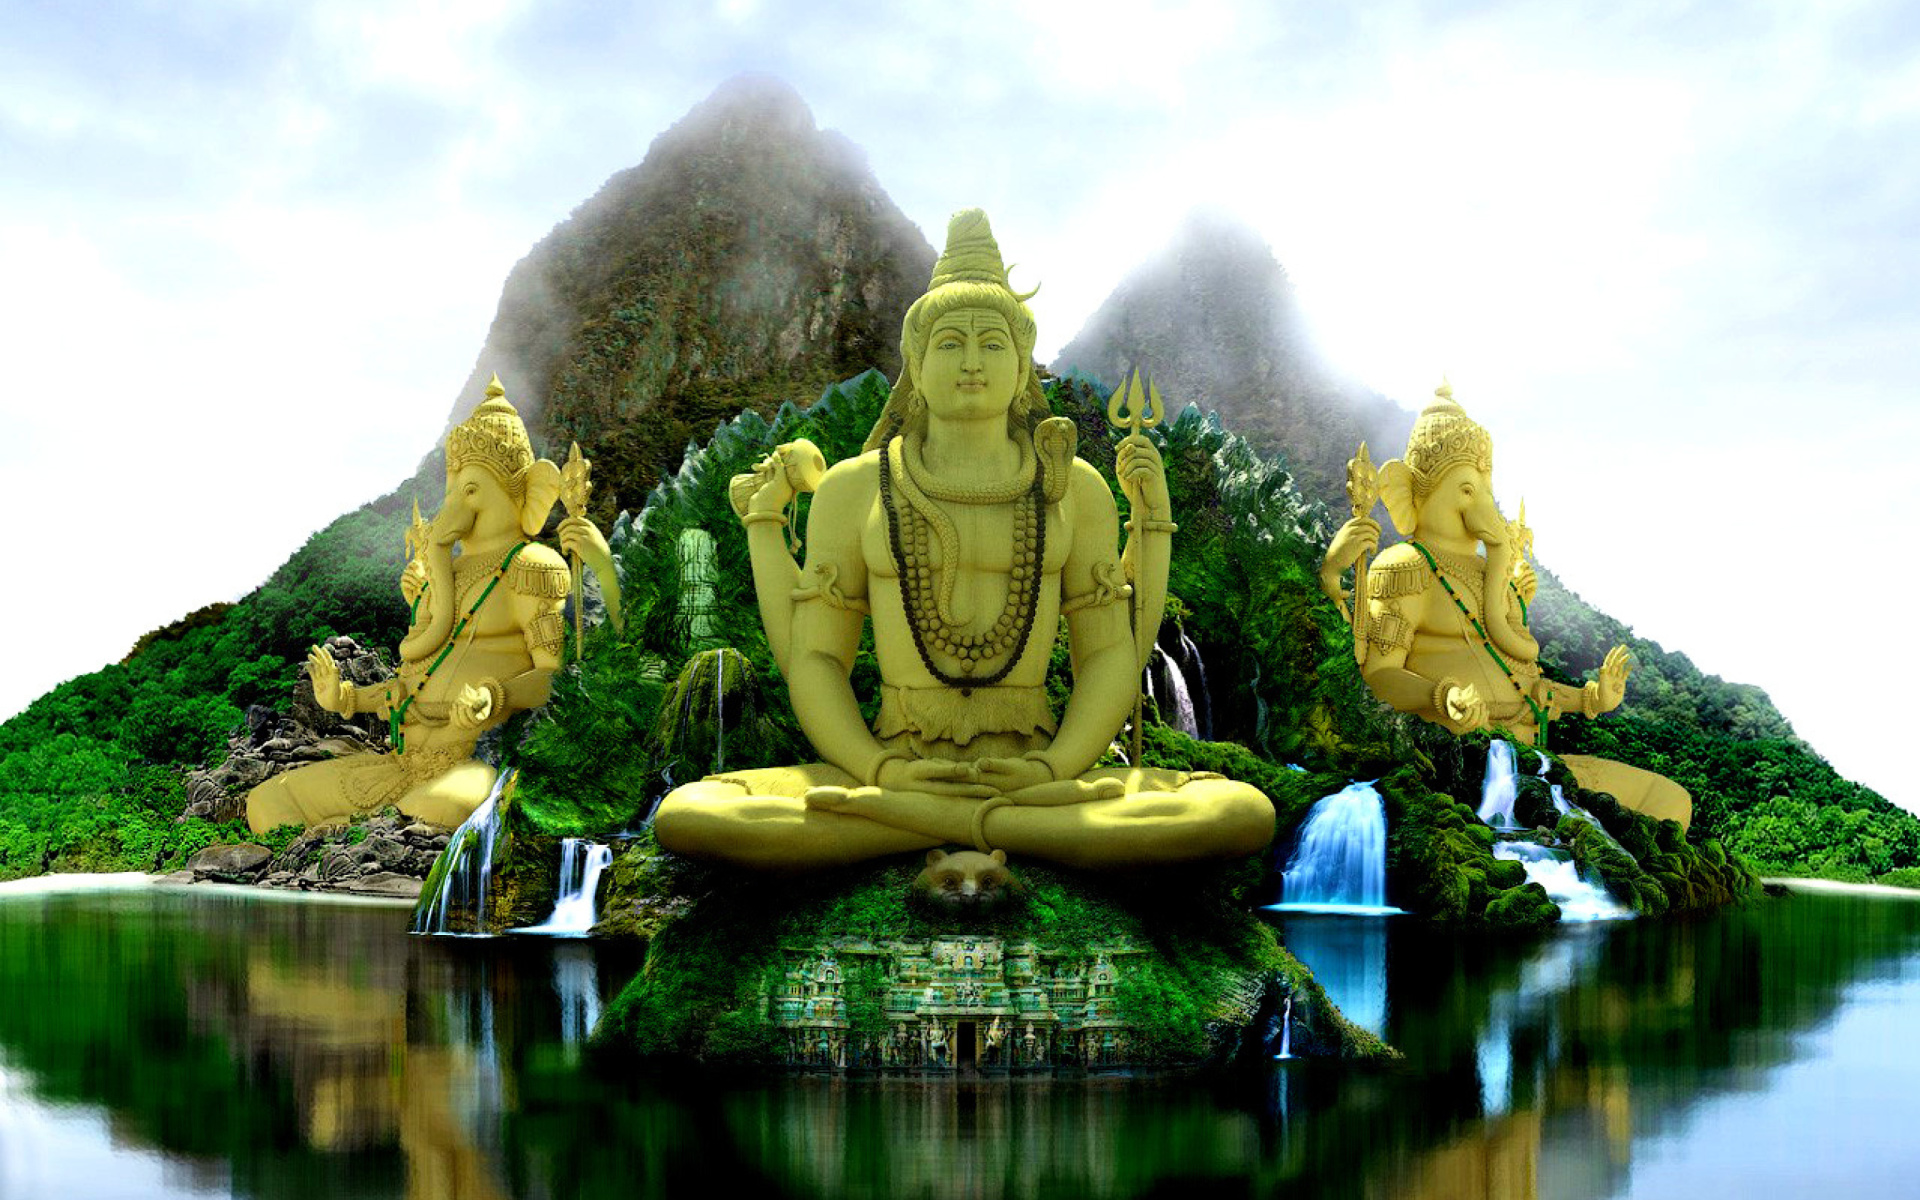 Buddhist Temple Wallpaper For Widescreen Desktop PC